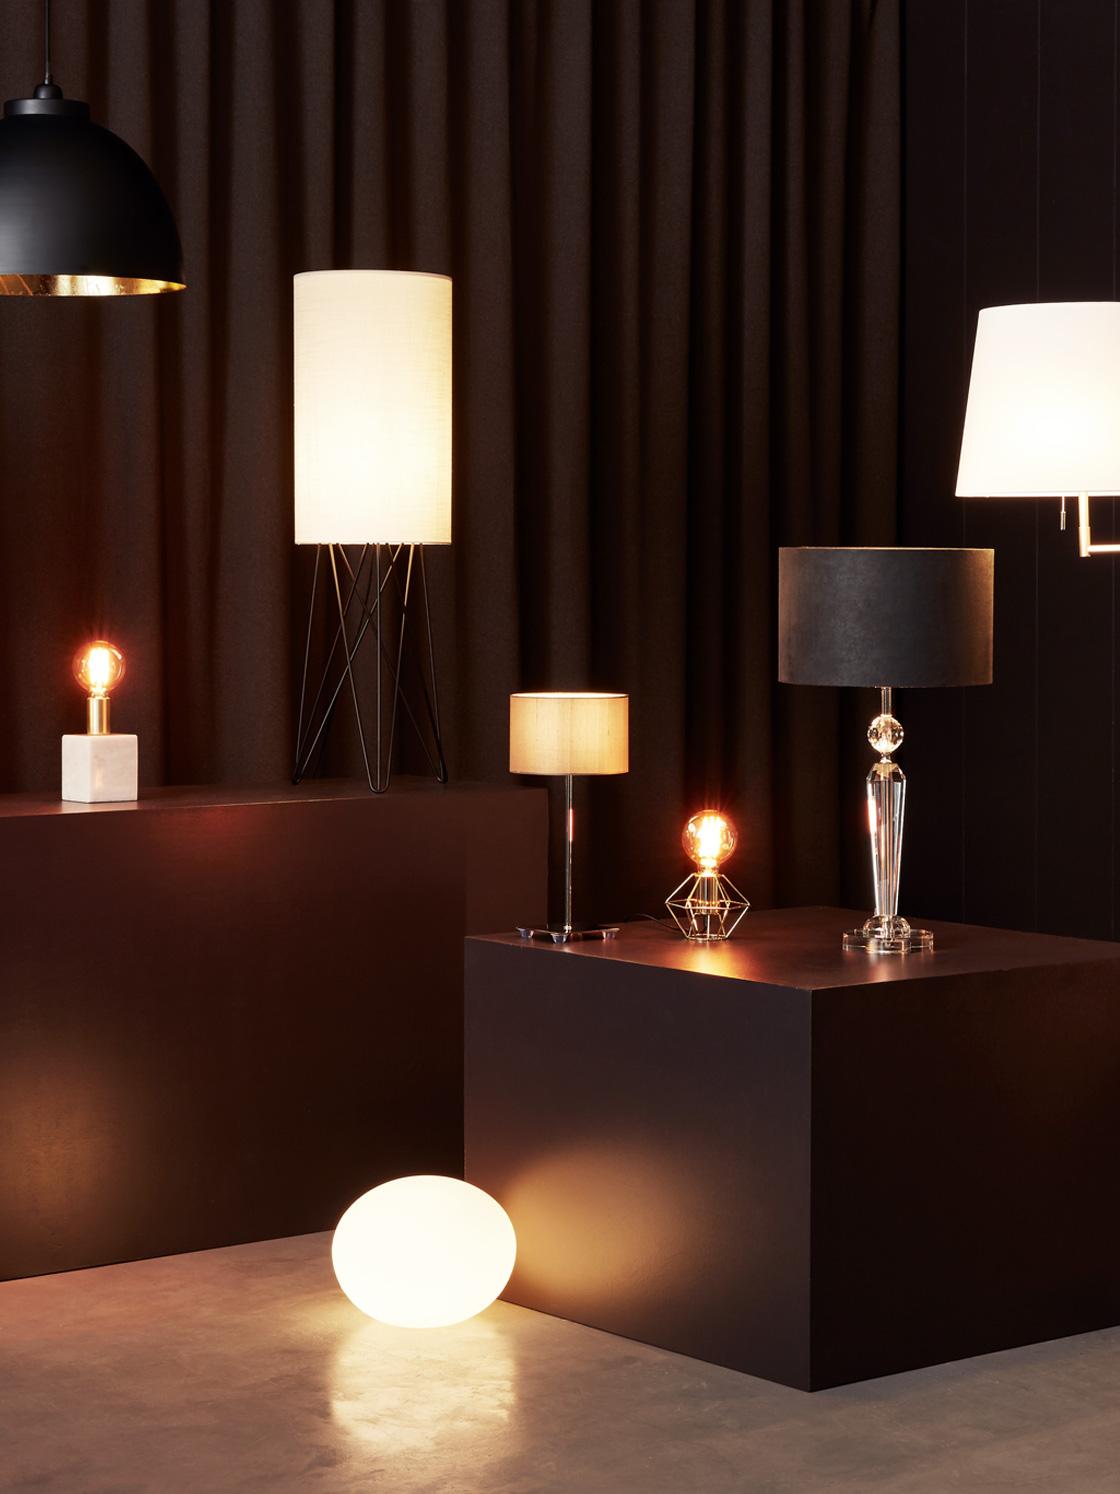 deckenleuchten schlafzimmer leuchten das richtige kopfkissen bei nackenschmerzen ikea. Black Bedroom Furniture Sets. Home Design Ideas